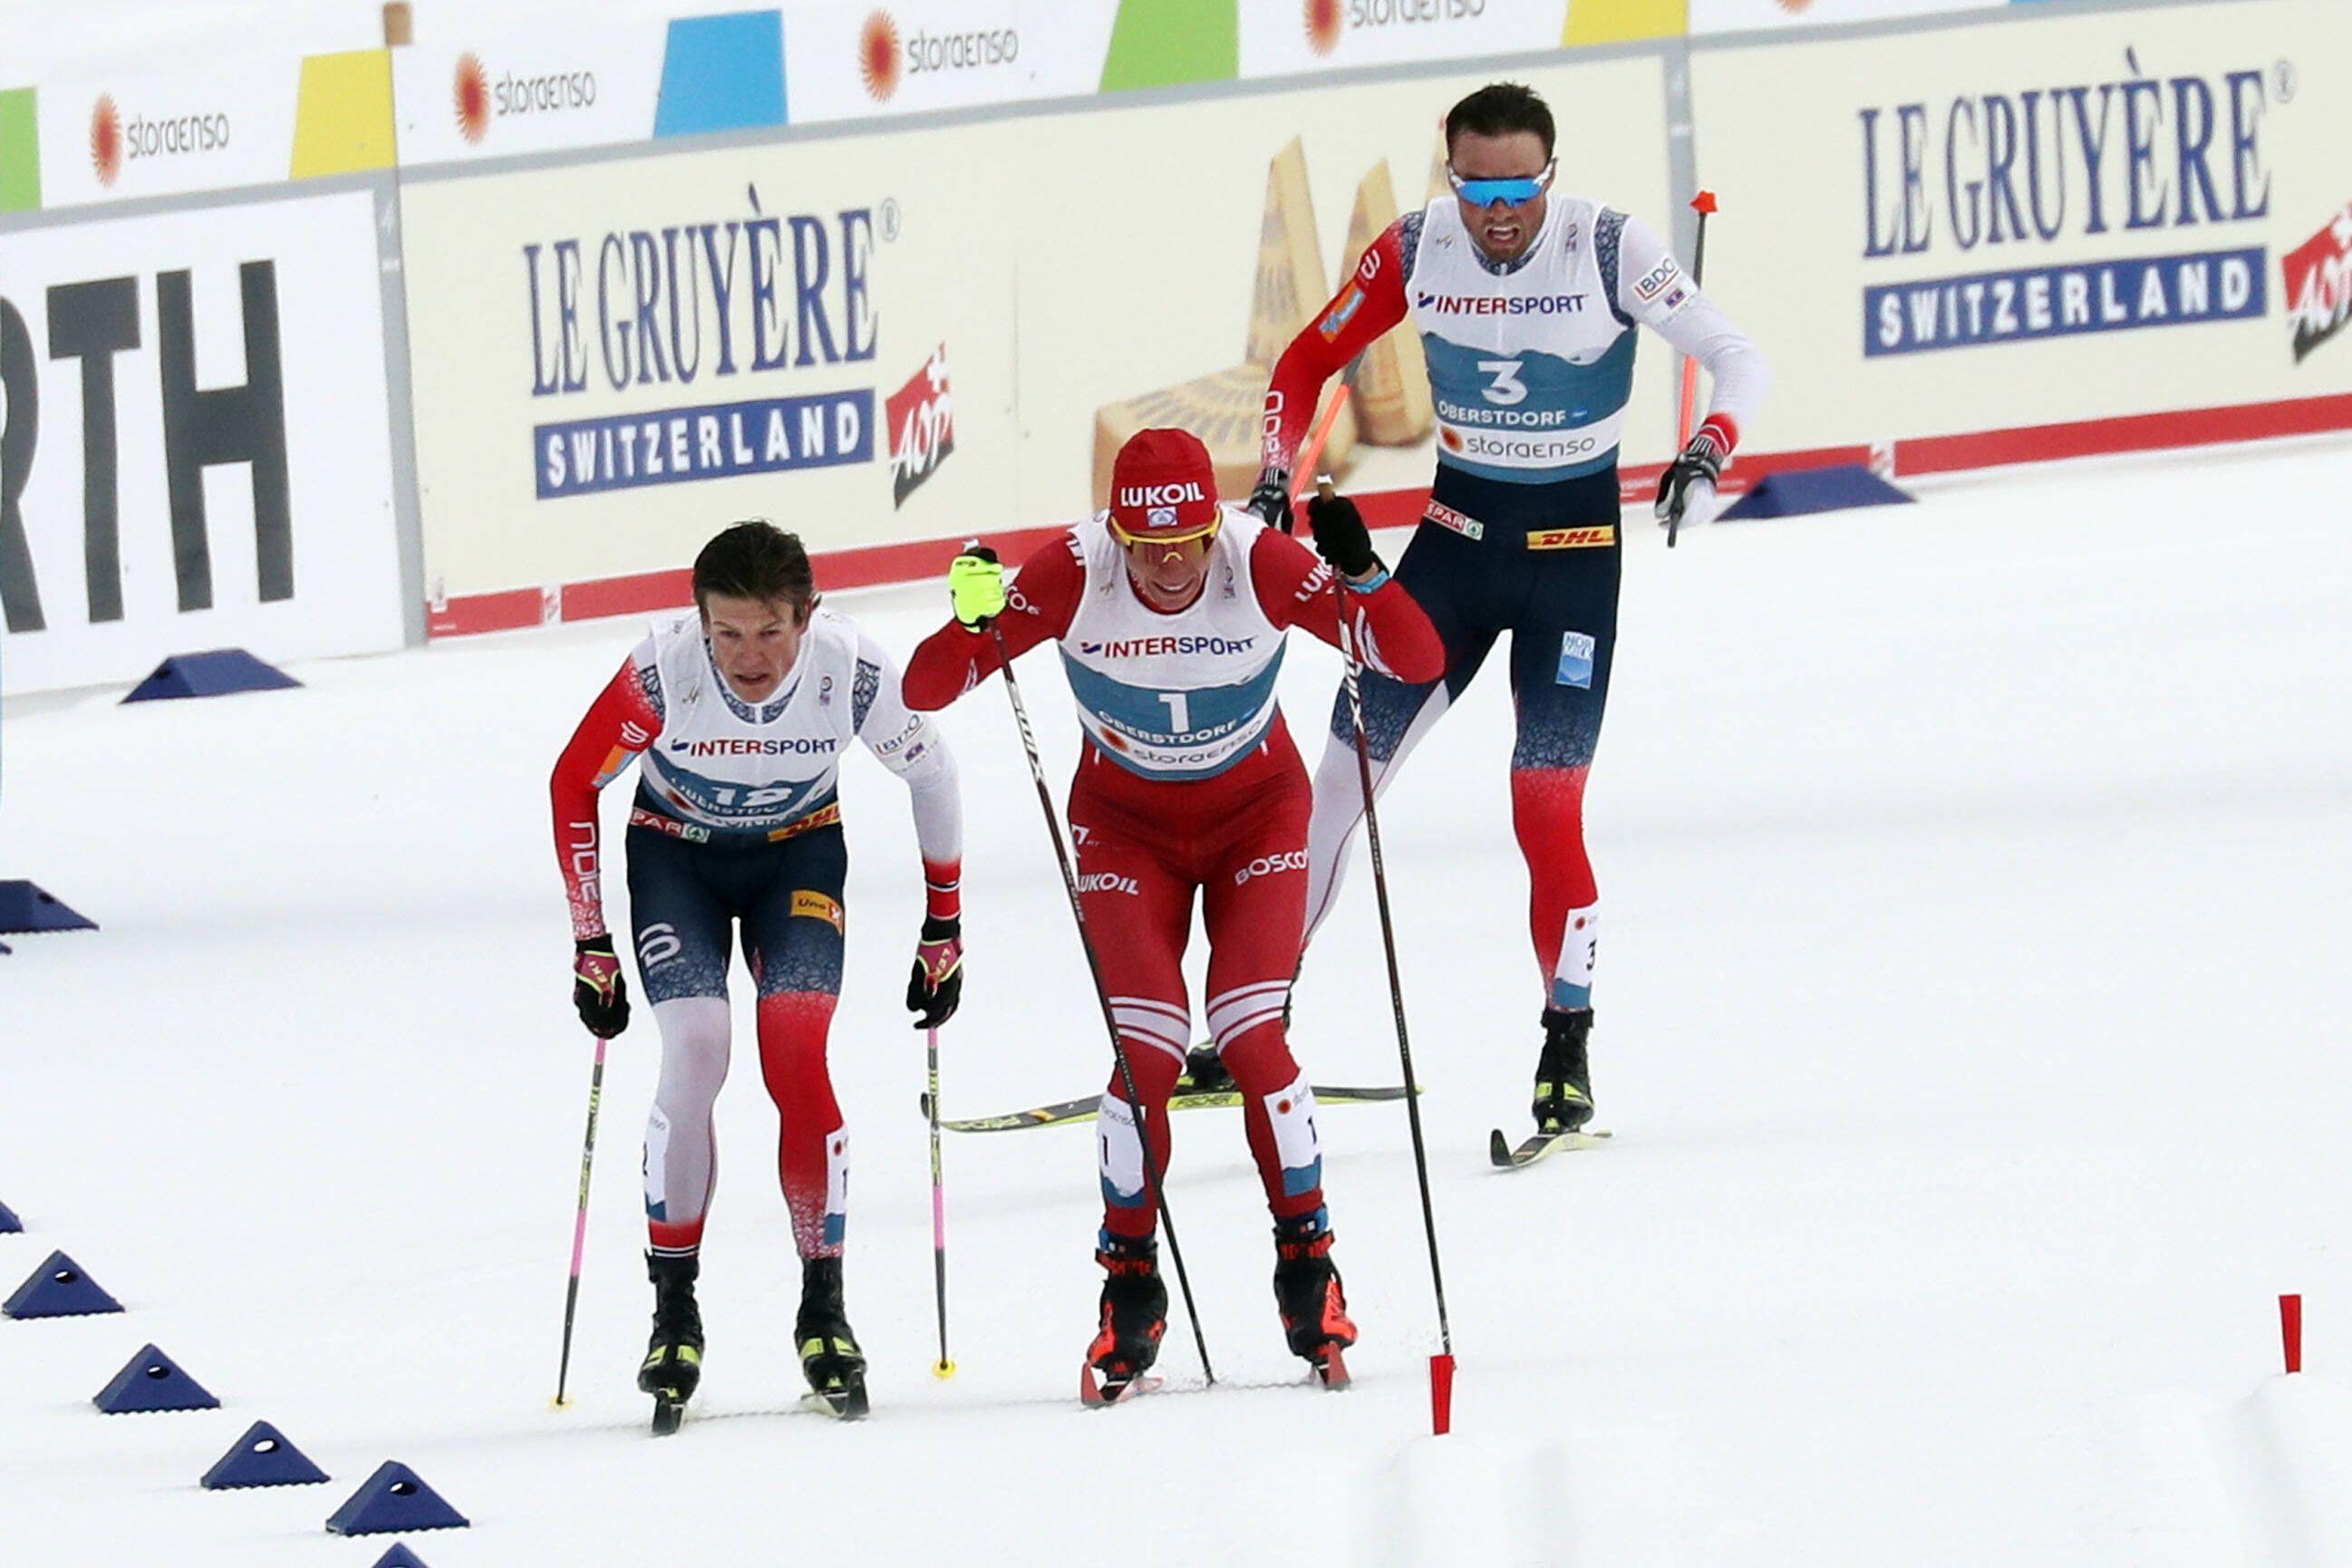 Норвежский эксперт сравнил Большунова и Клебо: 'Александр покоряет марафон с юных лет. У Клебо более нормальное развитие'